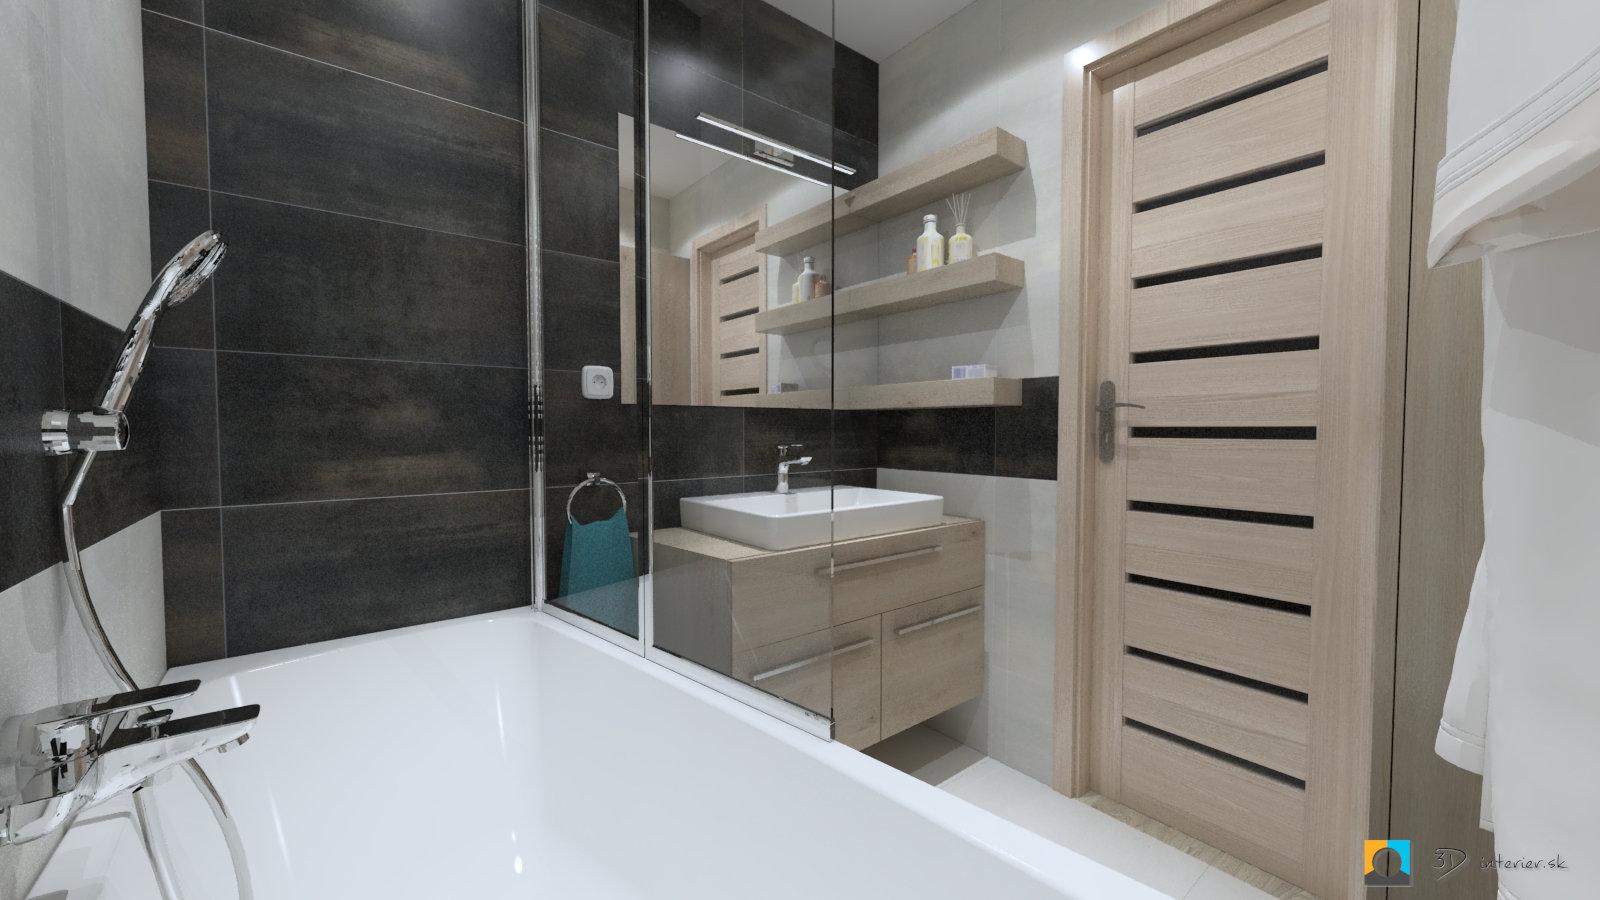 malá kúpeľňa dizajn na mieru